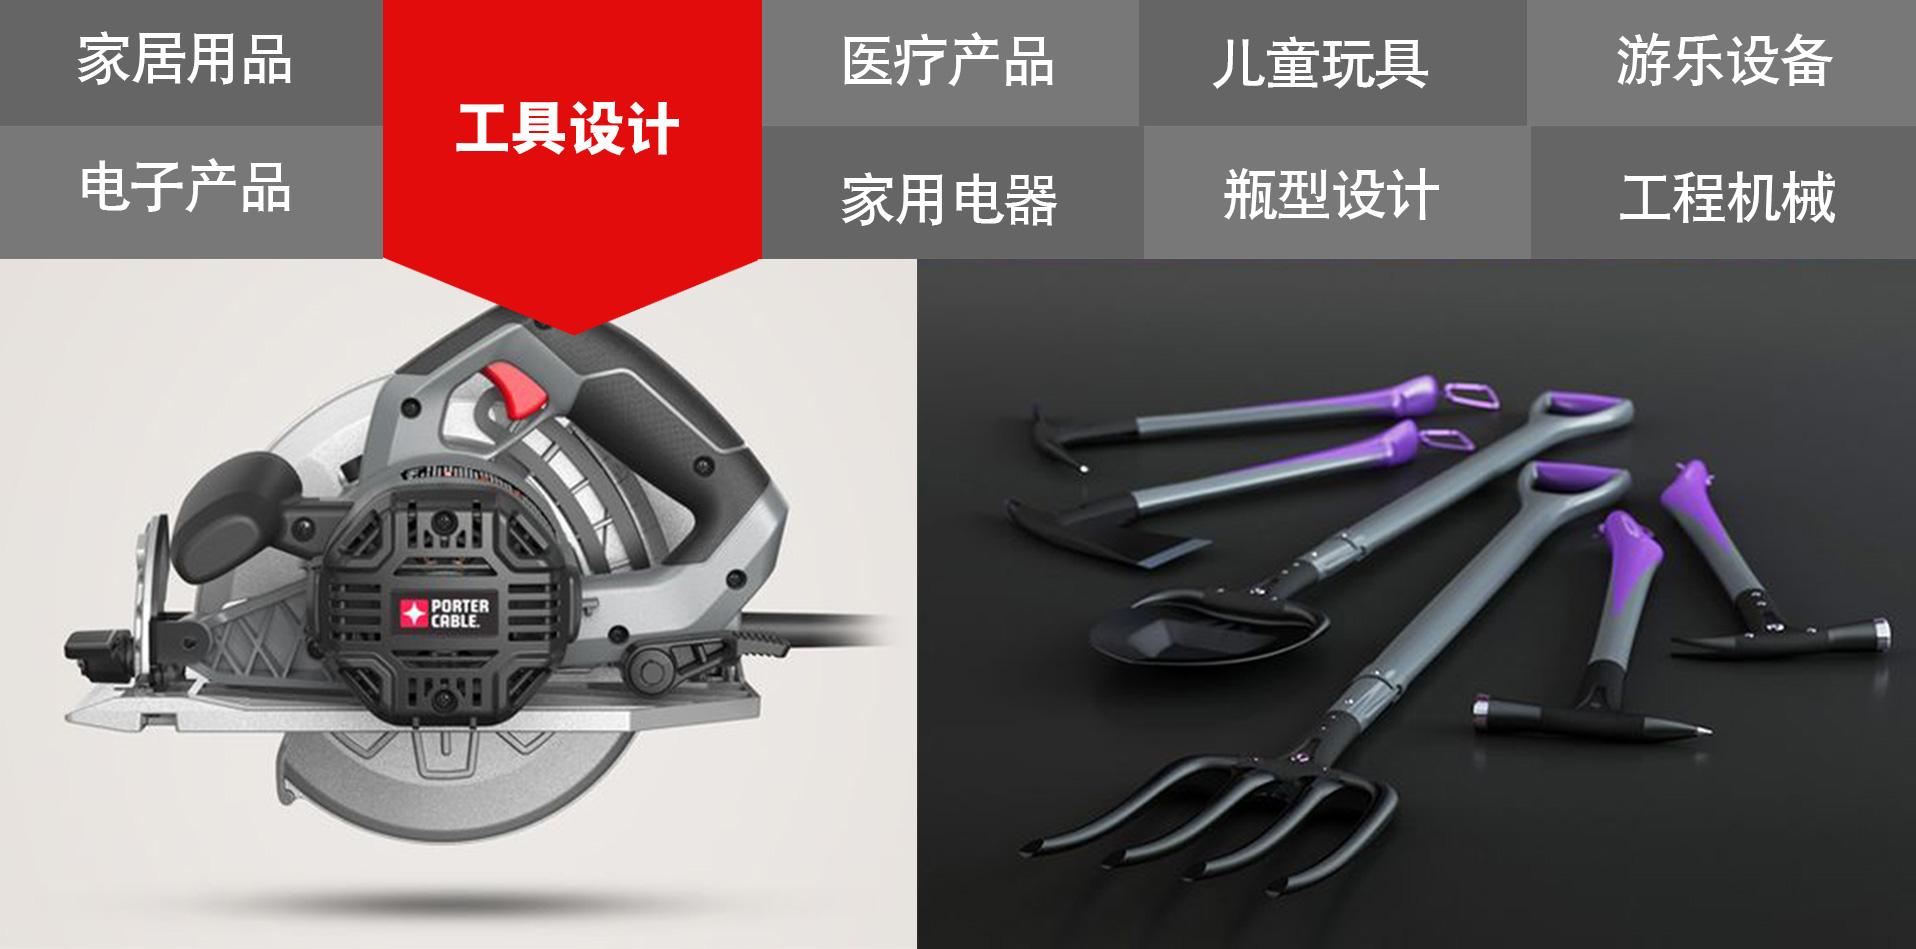 产品外观设计_【智能家电】笔间产品设计/外观设计/工业设计/智能家电器设备12